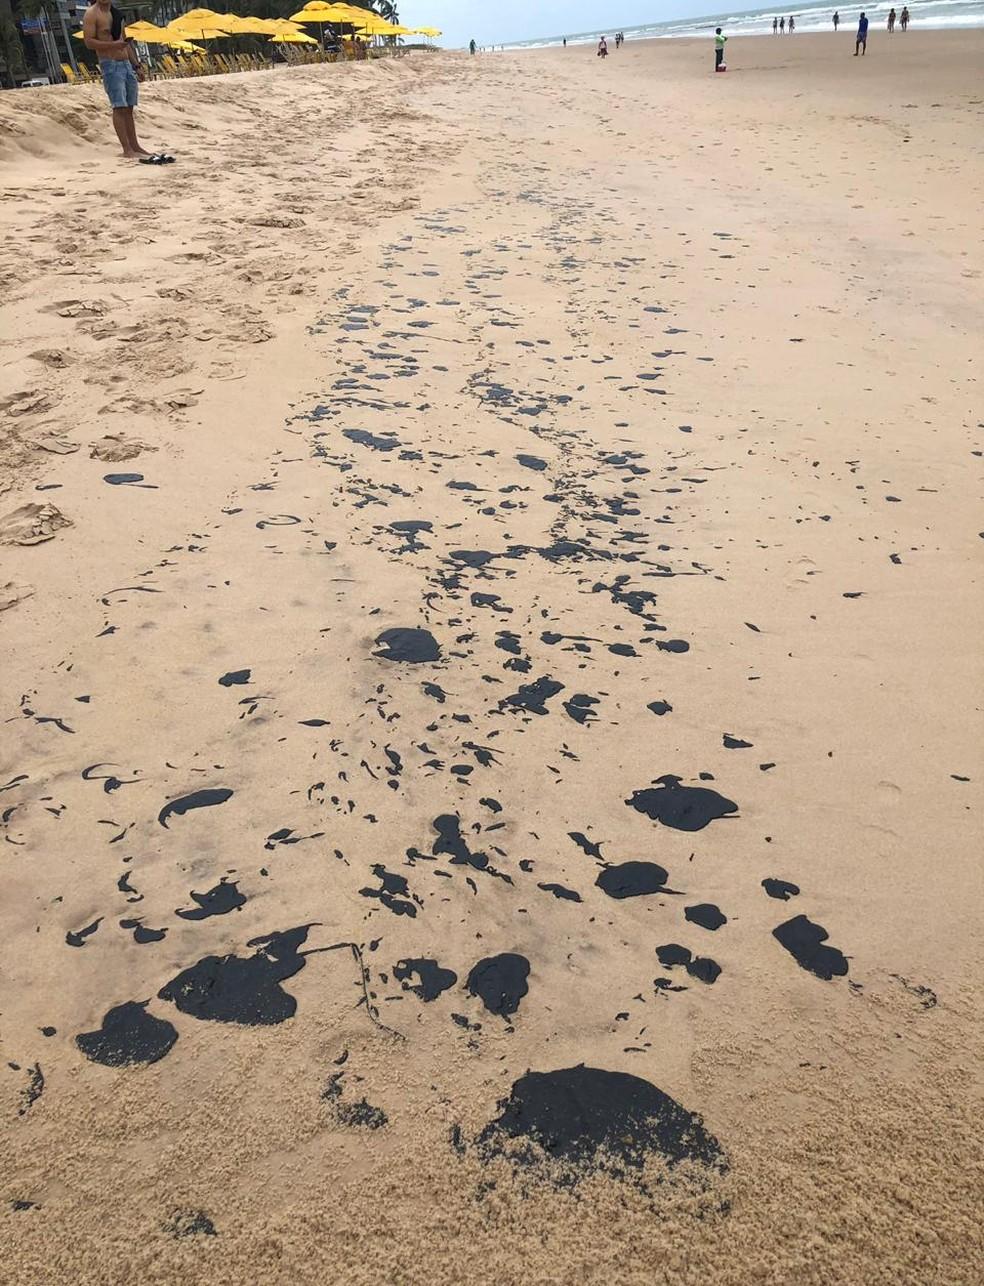 Manchas escuras apareceram na praia de Boa Viagem no início de setembro — Foto: Reprodução/WhatsApp